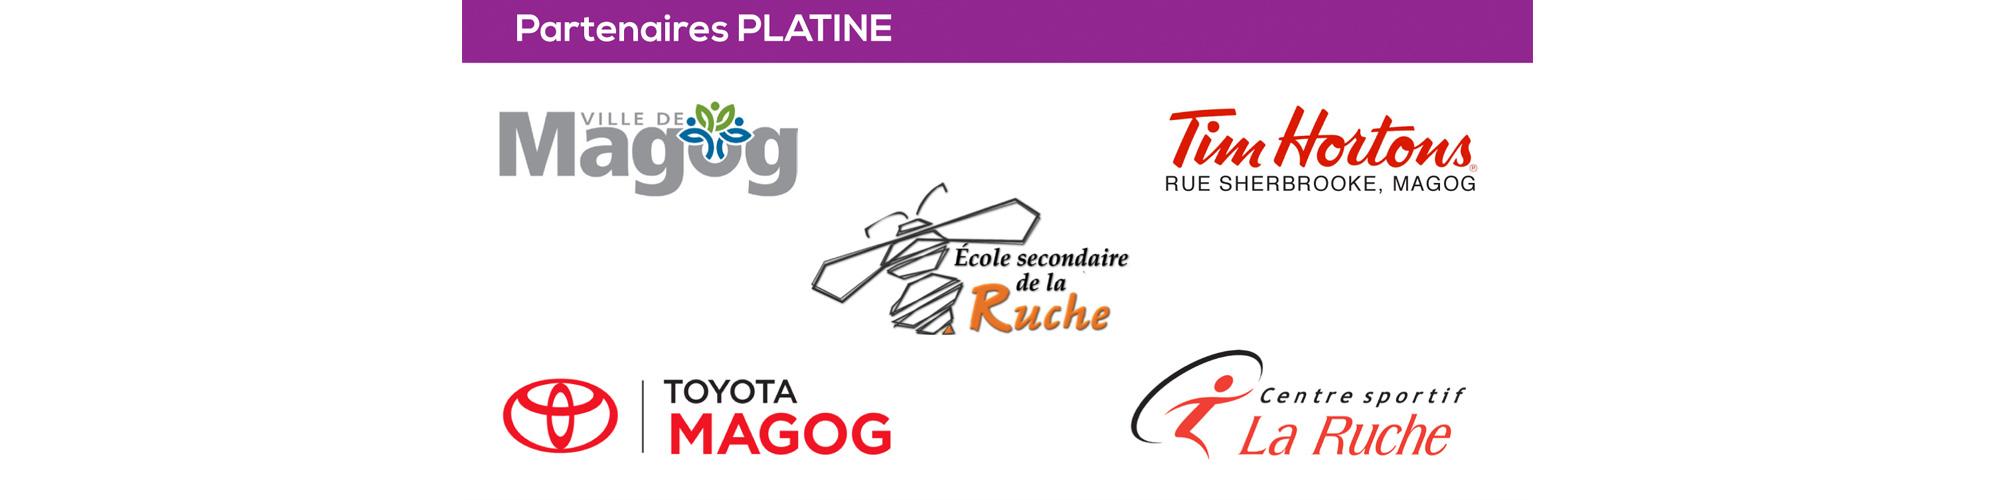 slider-partenairePlatine2019